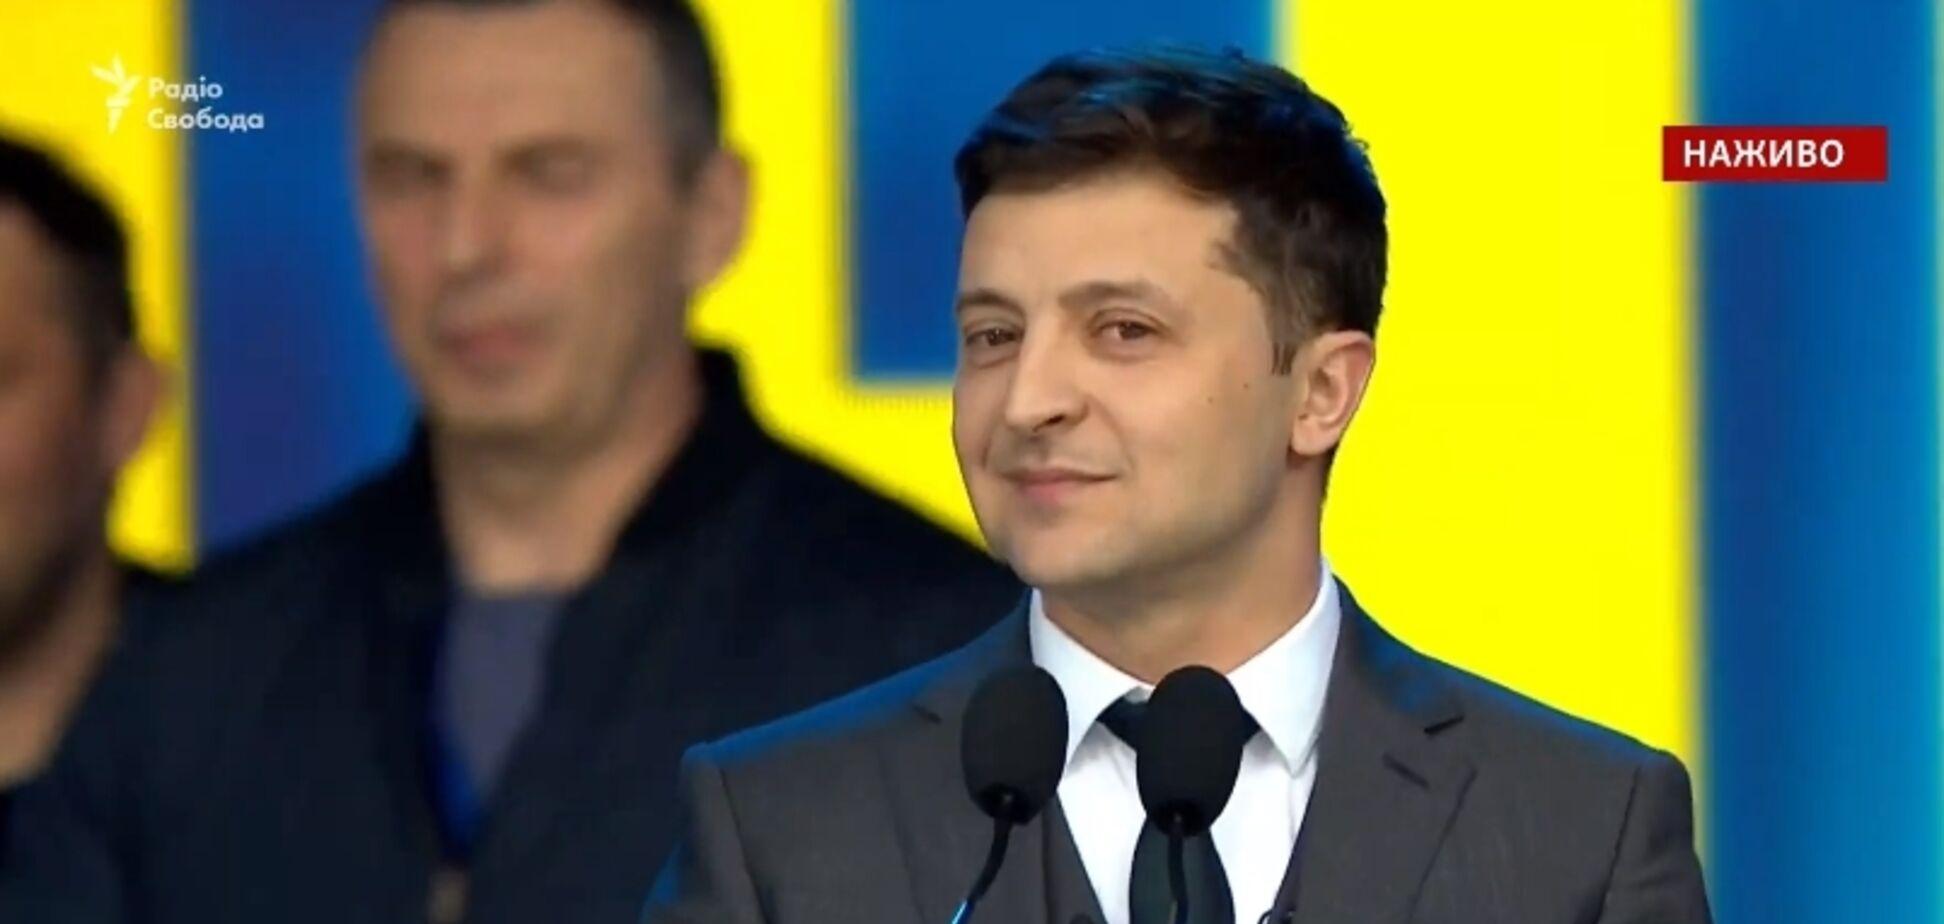 Зеленський вилаявся на дебатах: з'явилося відео